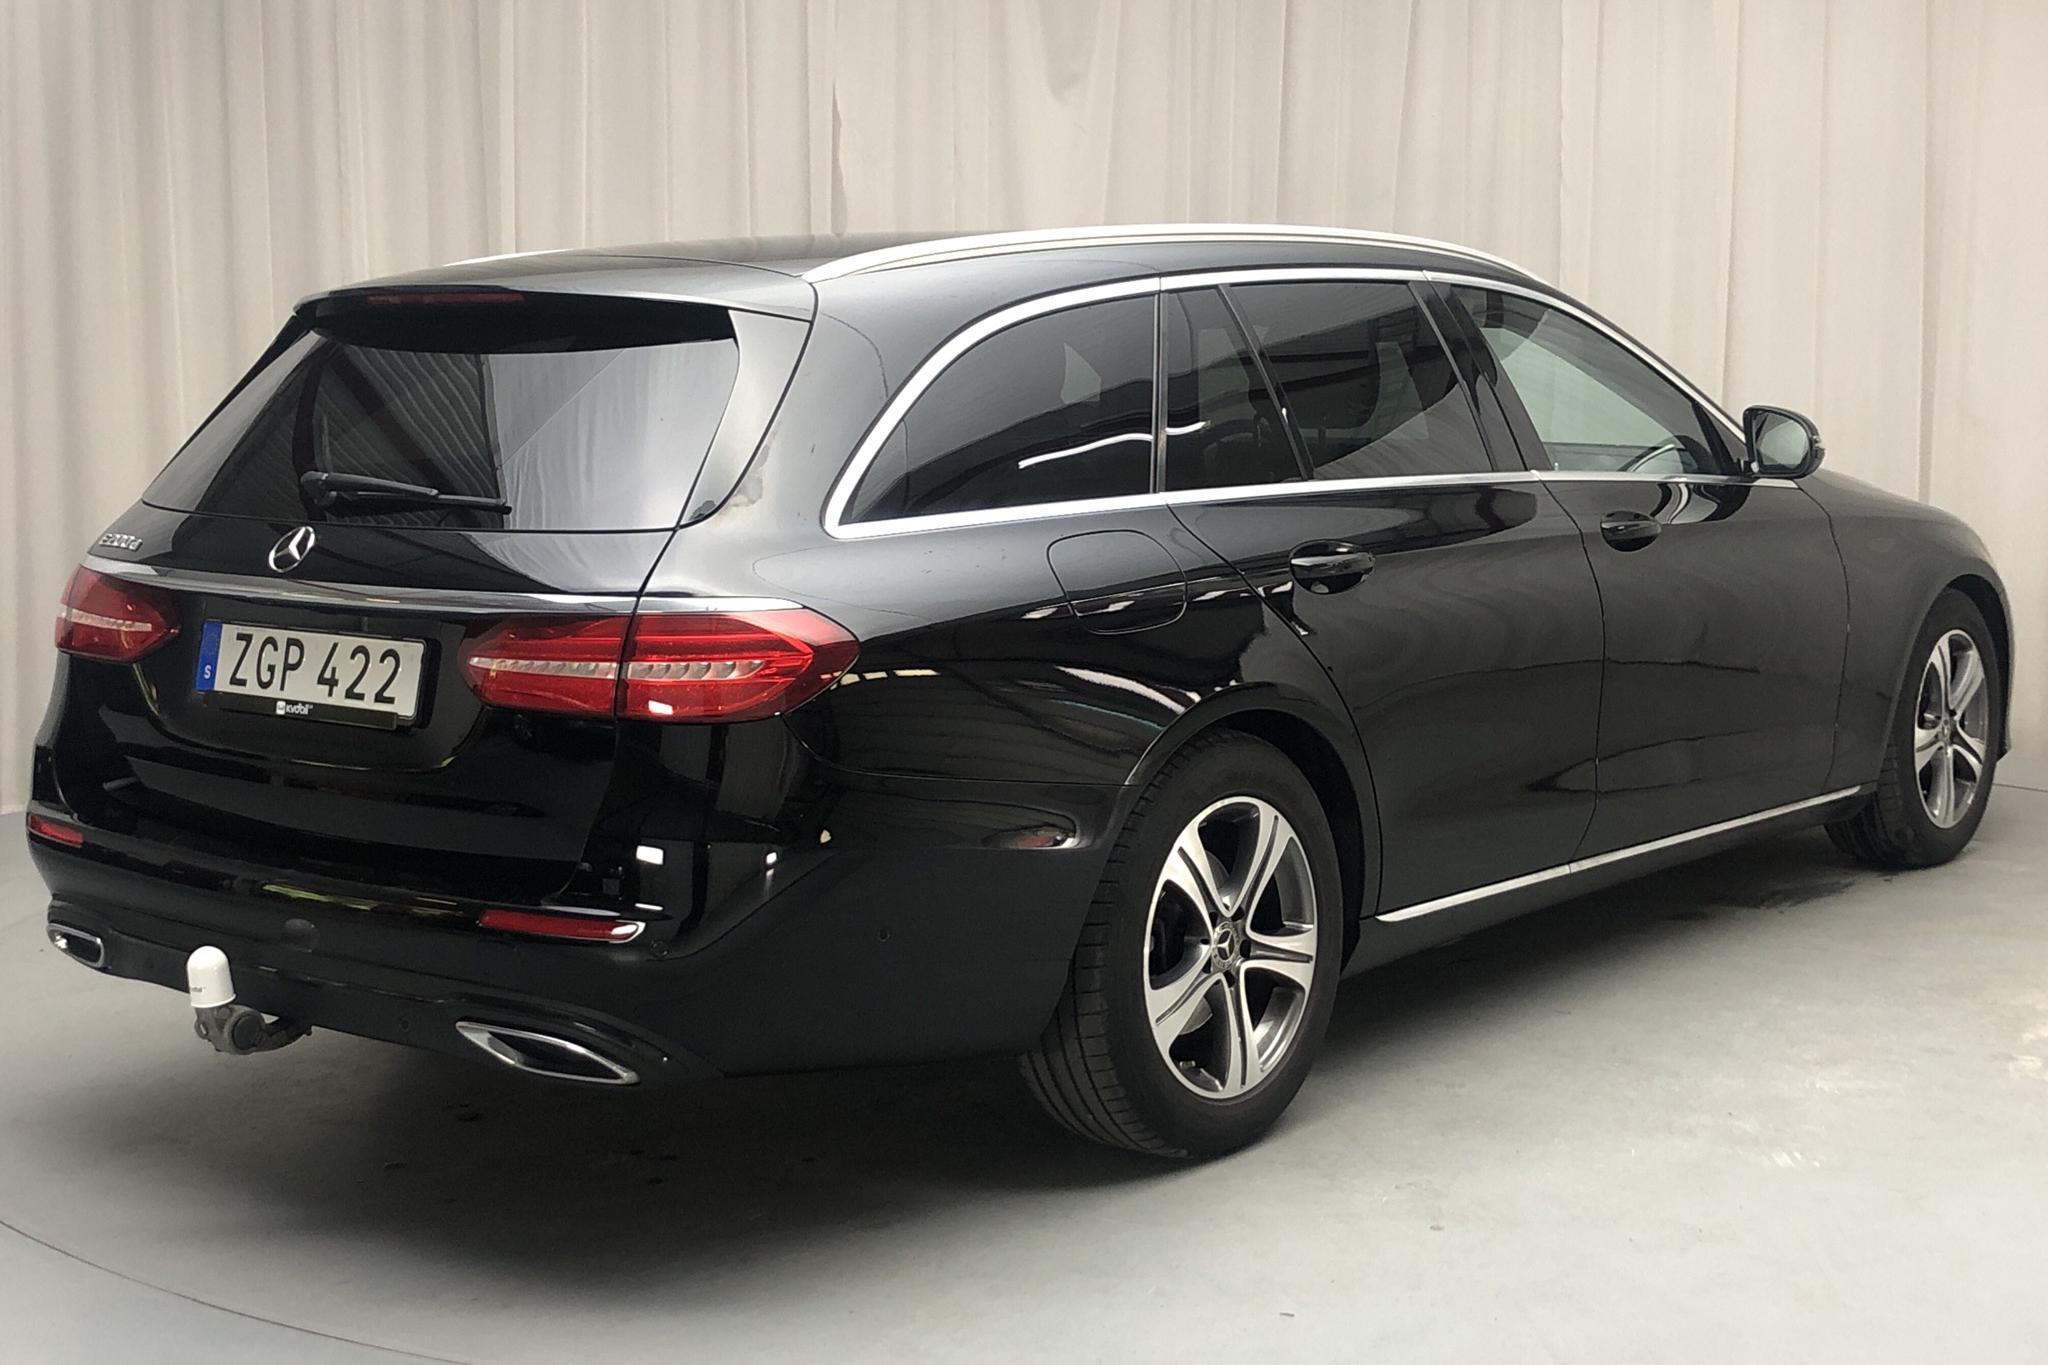 Mercedes E 200 d Kombi S213 (150hk) - 64 280 km - Automatic - black - 2019